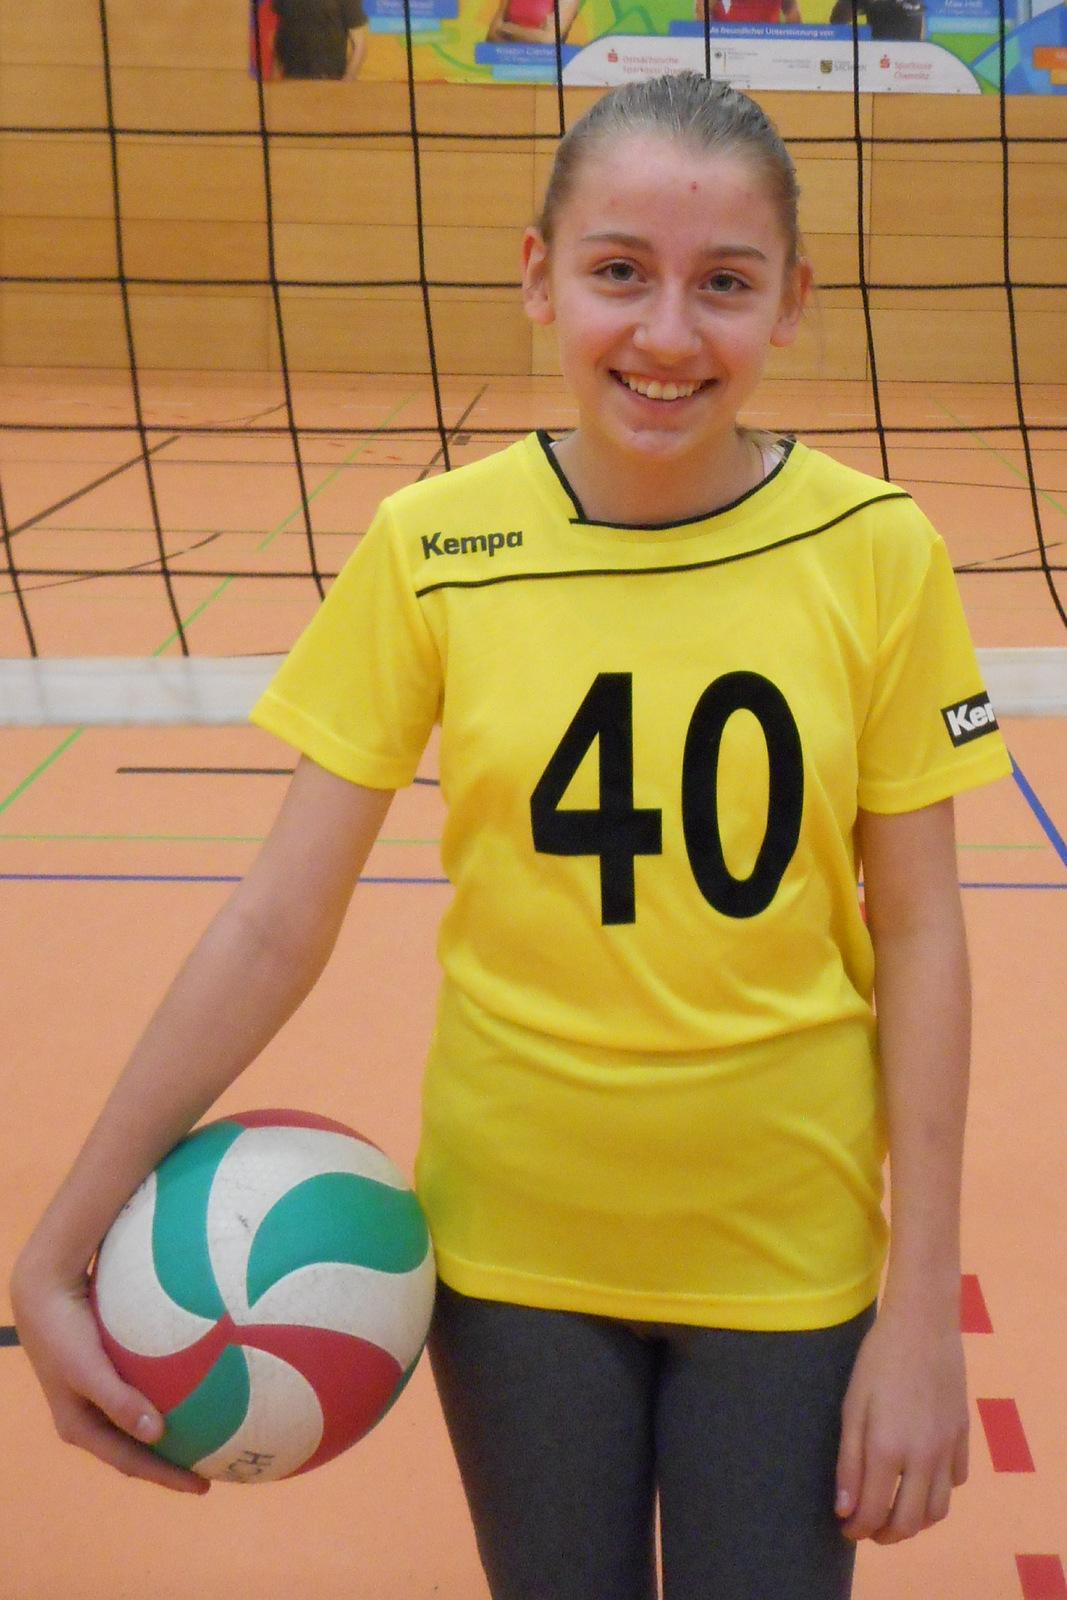 Asita Bochmann